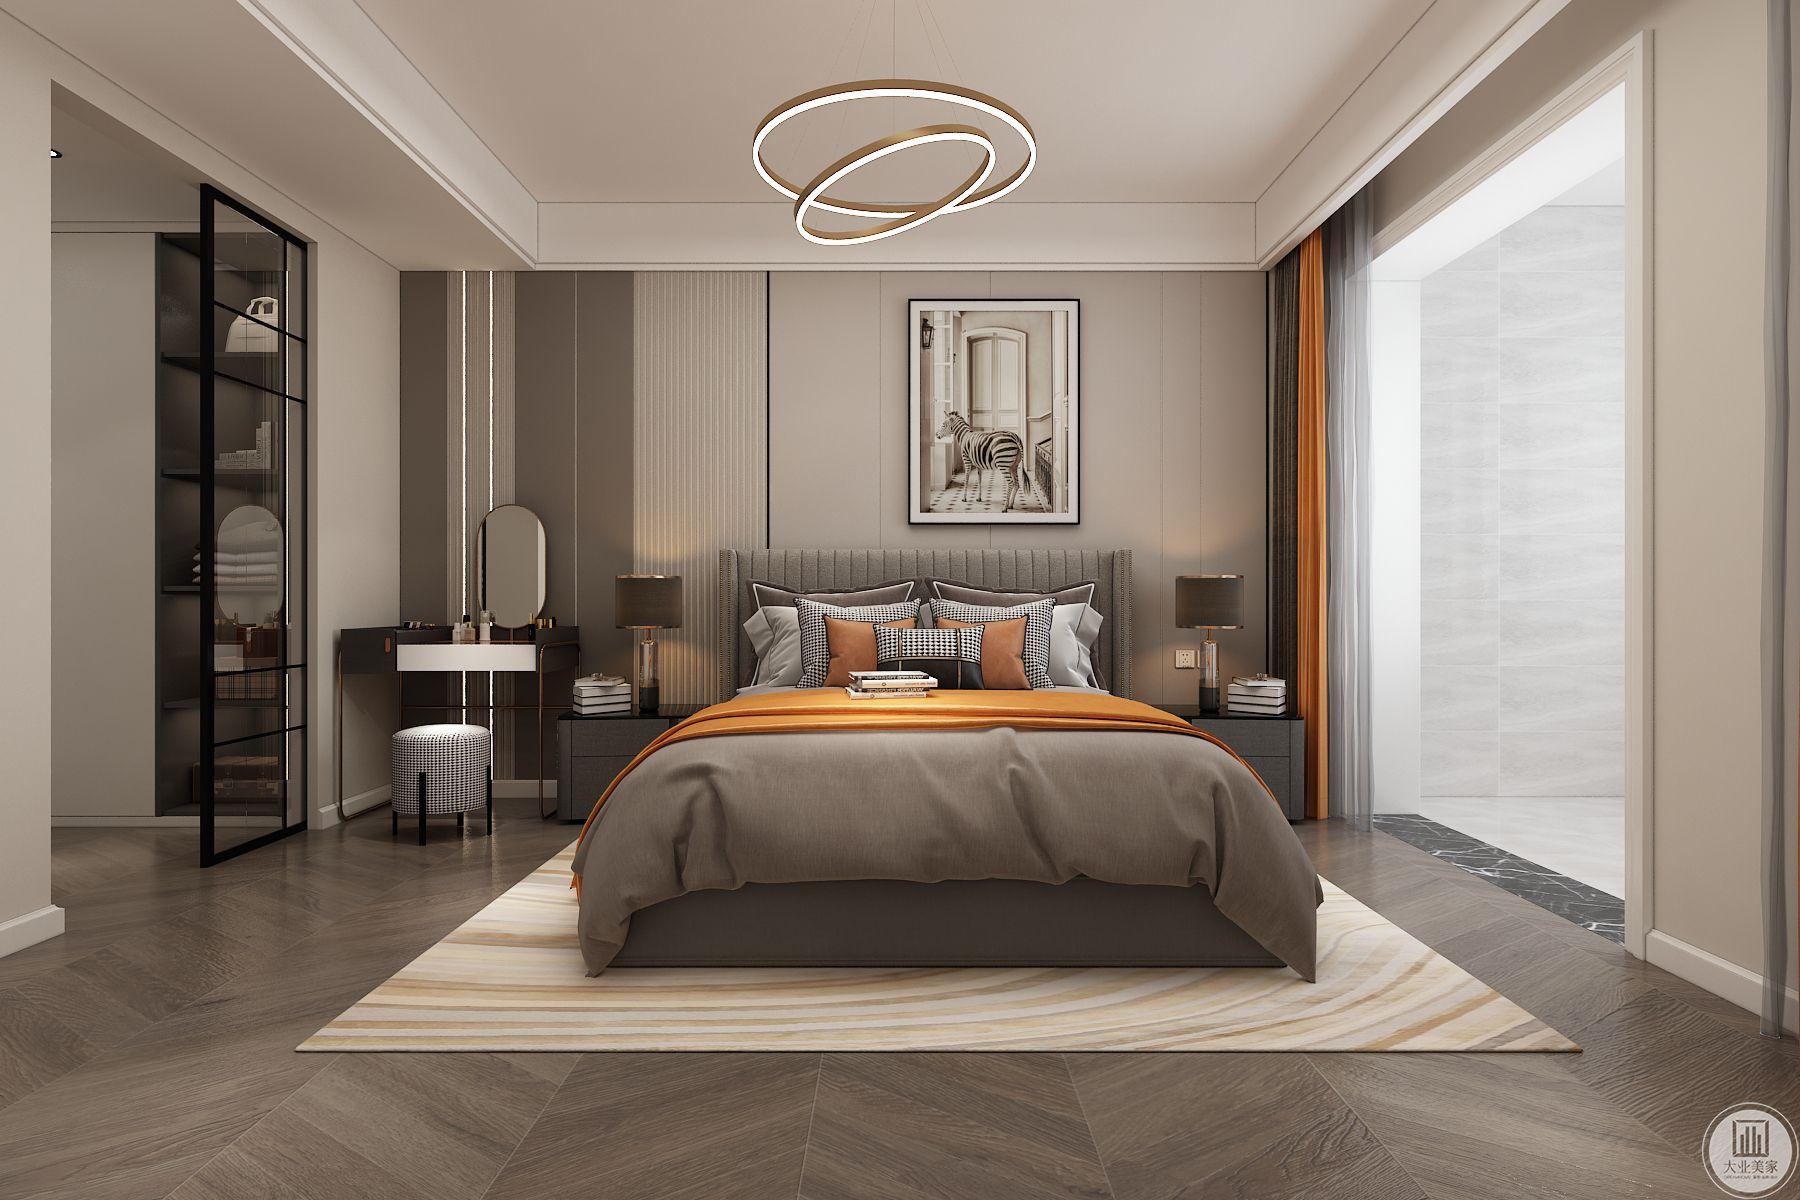 主卧墙面用硬包做造型,左侧灯条做点缀